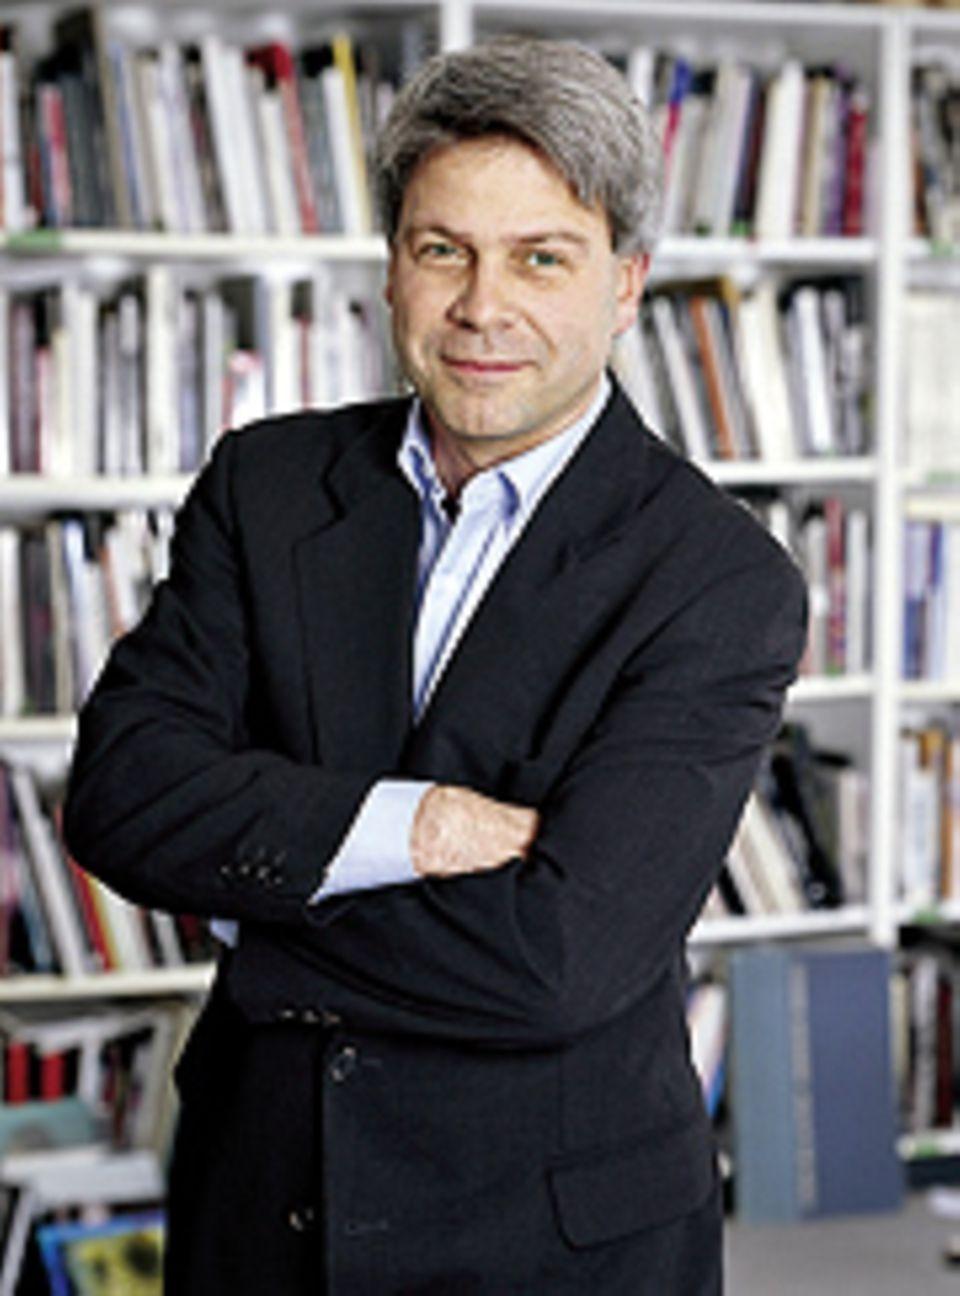 Die 100 wichtigsten Erfindungen: Michael Schaper, Chefredakteur